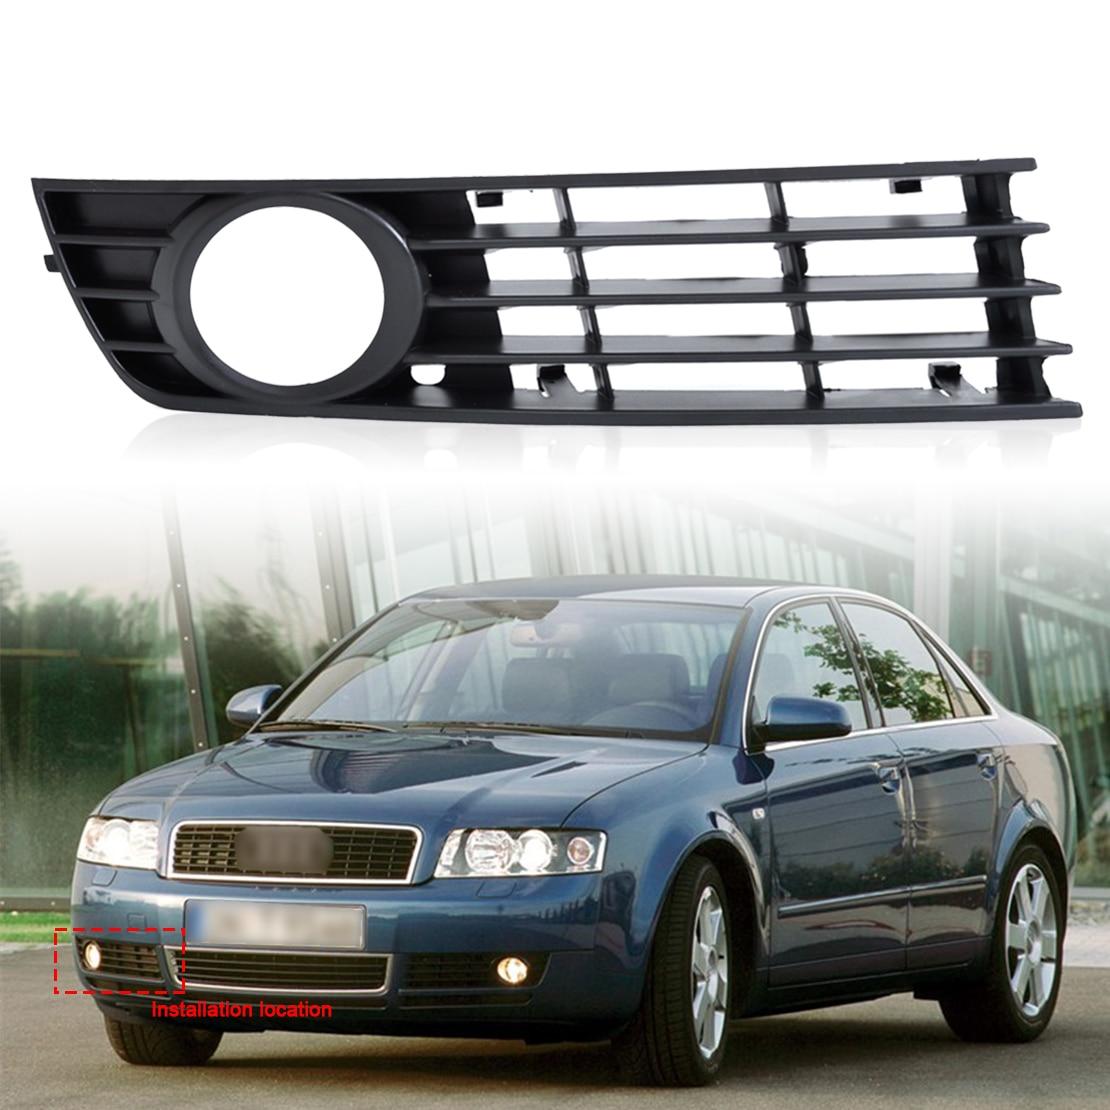 DWCX 8E0807682 Fațetă de protecție antiderapantă Grila de protecție pentru ceață de protecție pentru Audi A4 B6 2002 2003 2004 2005